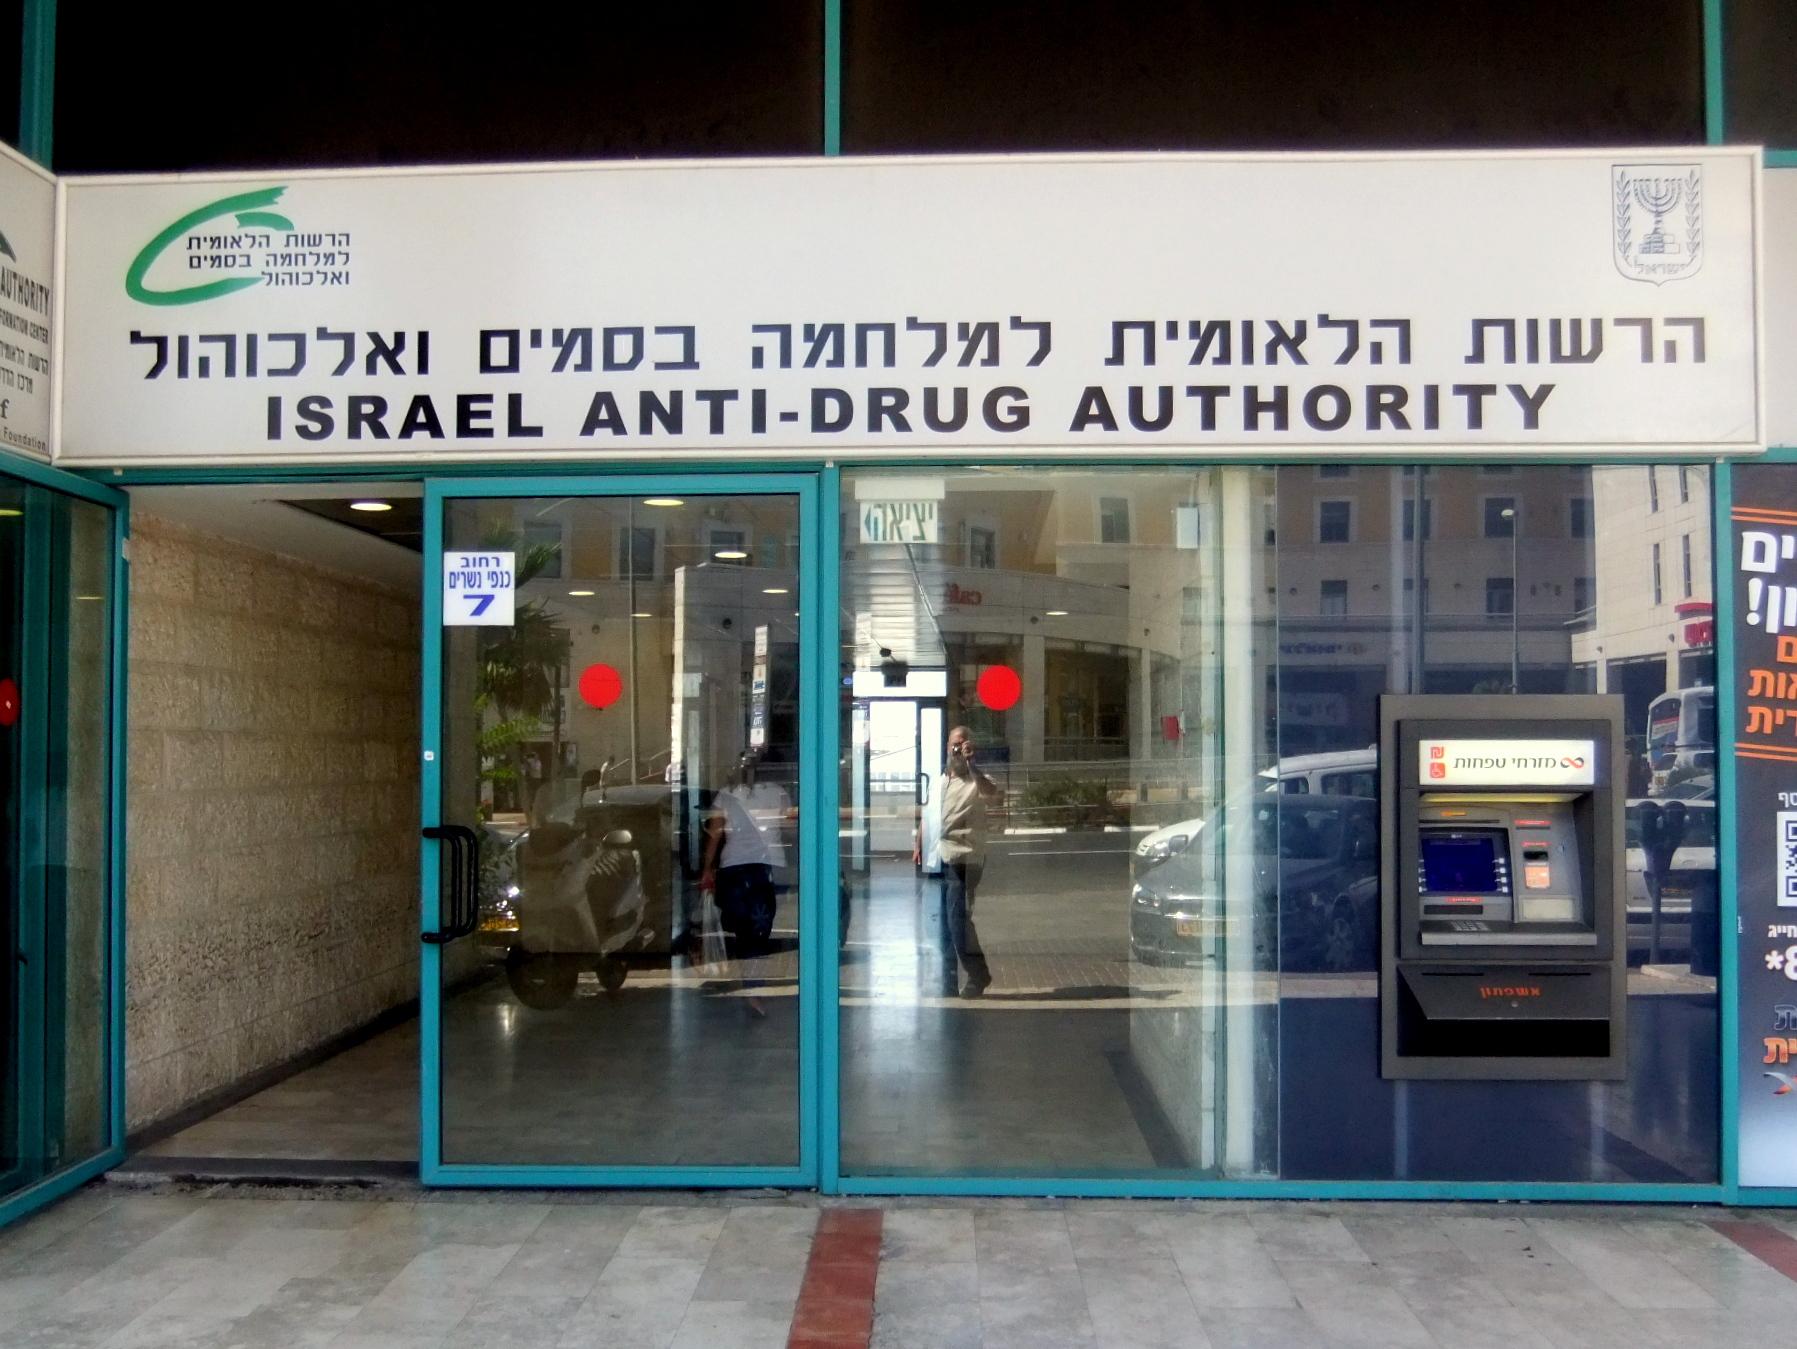 Israel Anti-Drug Authority - Wikipedia